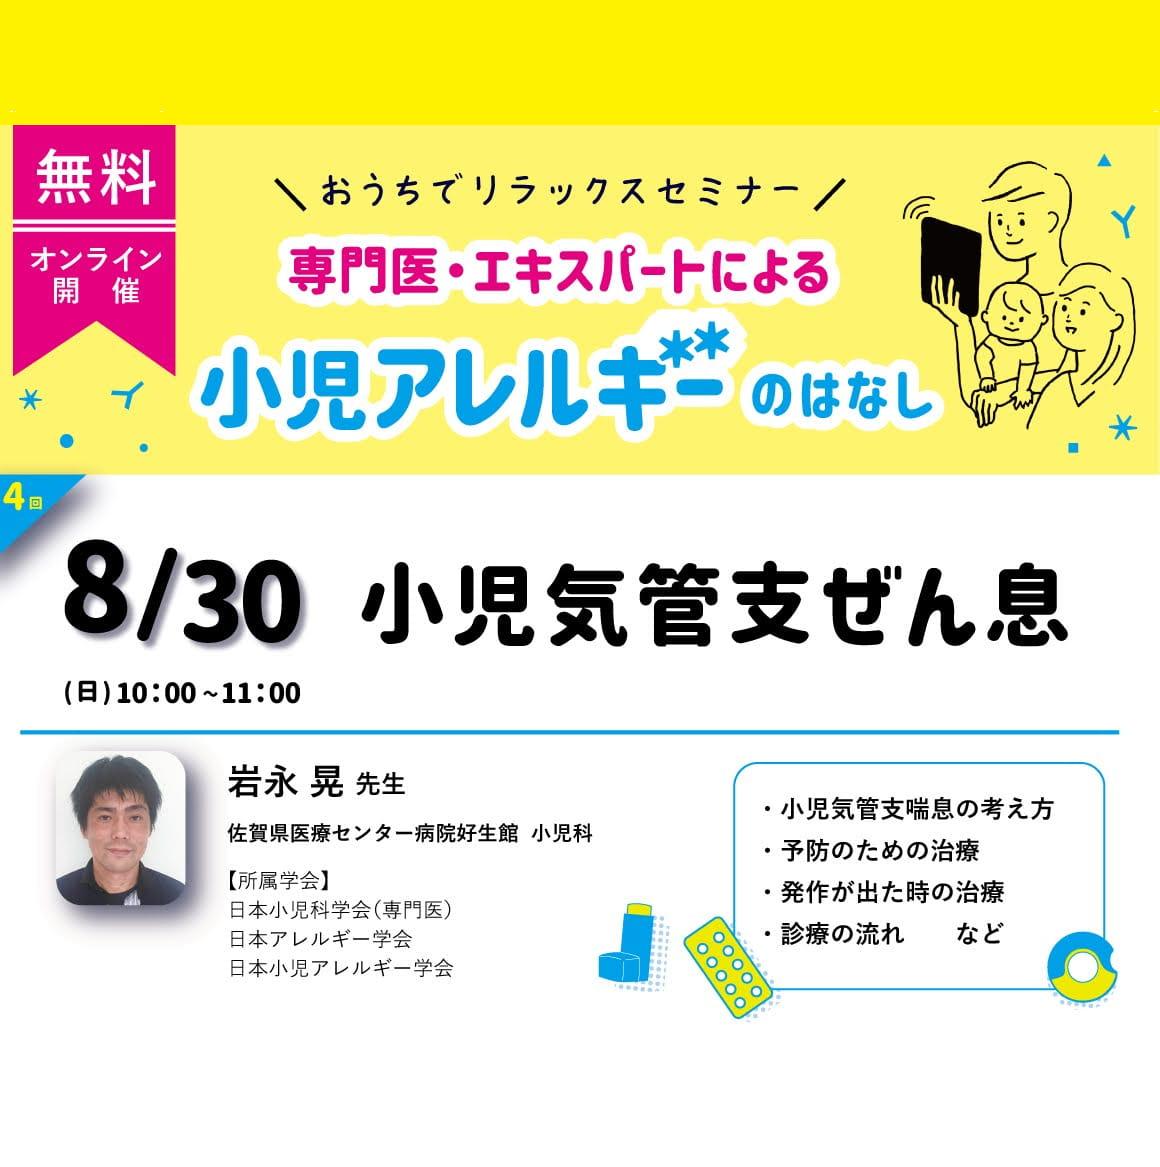 無料 オンライン開催 専門医・エキスパートによる 小児アレルギーのはなし 8/30 (日) 10:00 - 11:00 小児気管支ぜん息